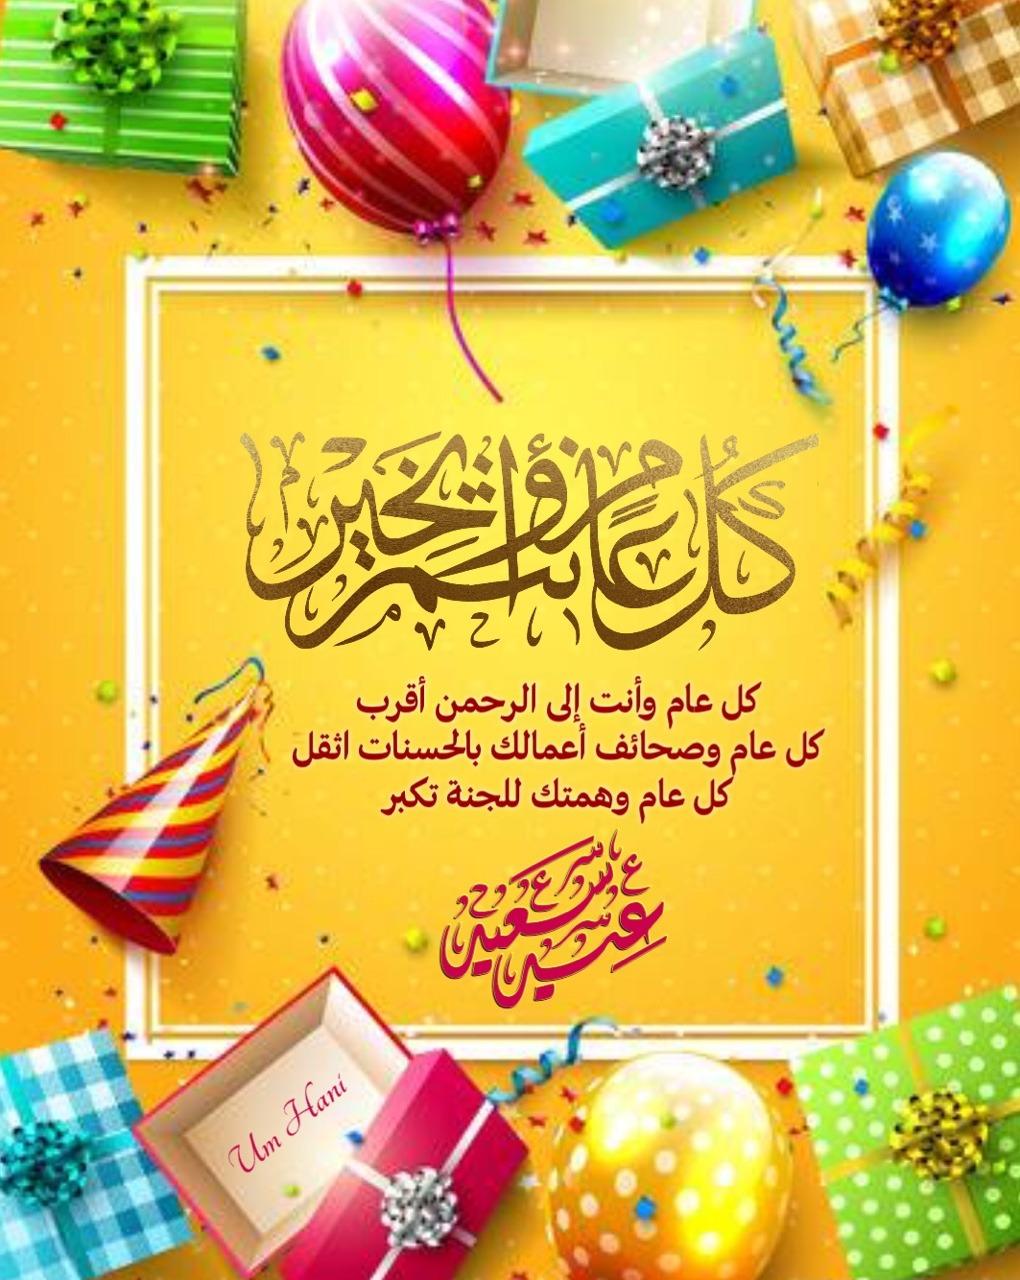 أم هاني كل عام وأنتم إلى الرحمن أقرب كل عام